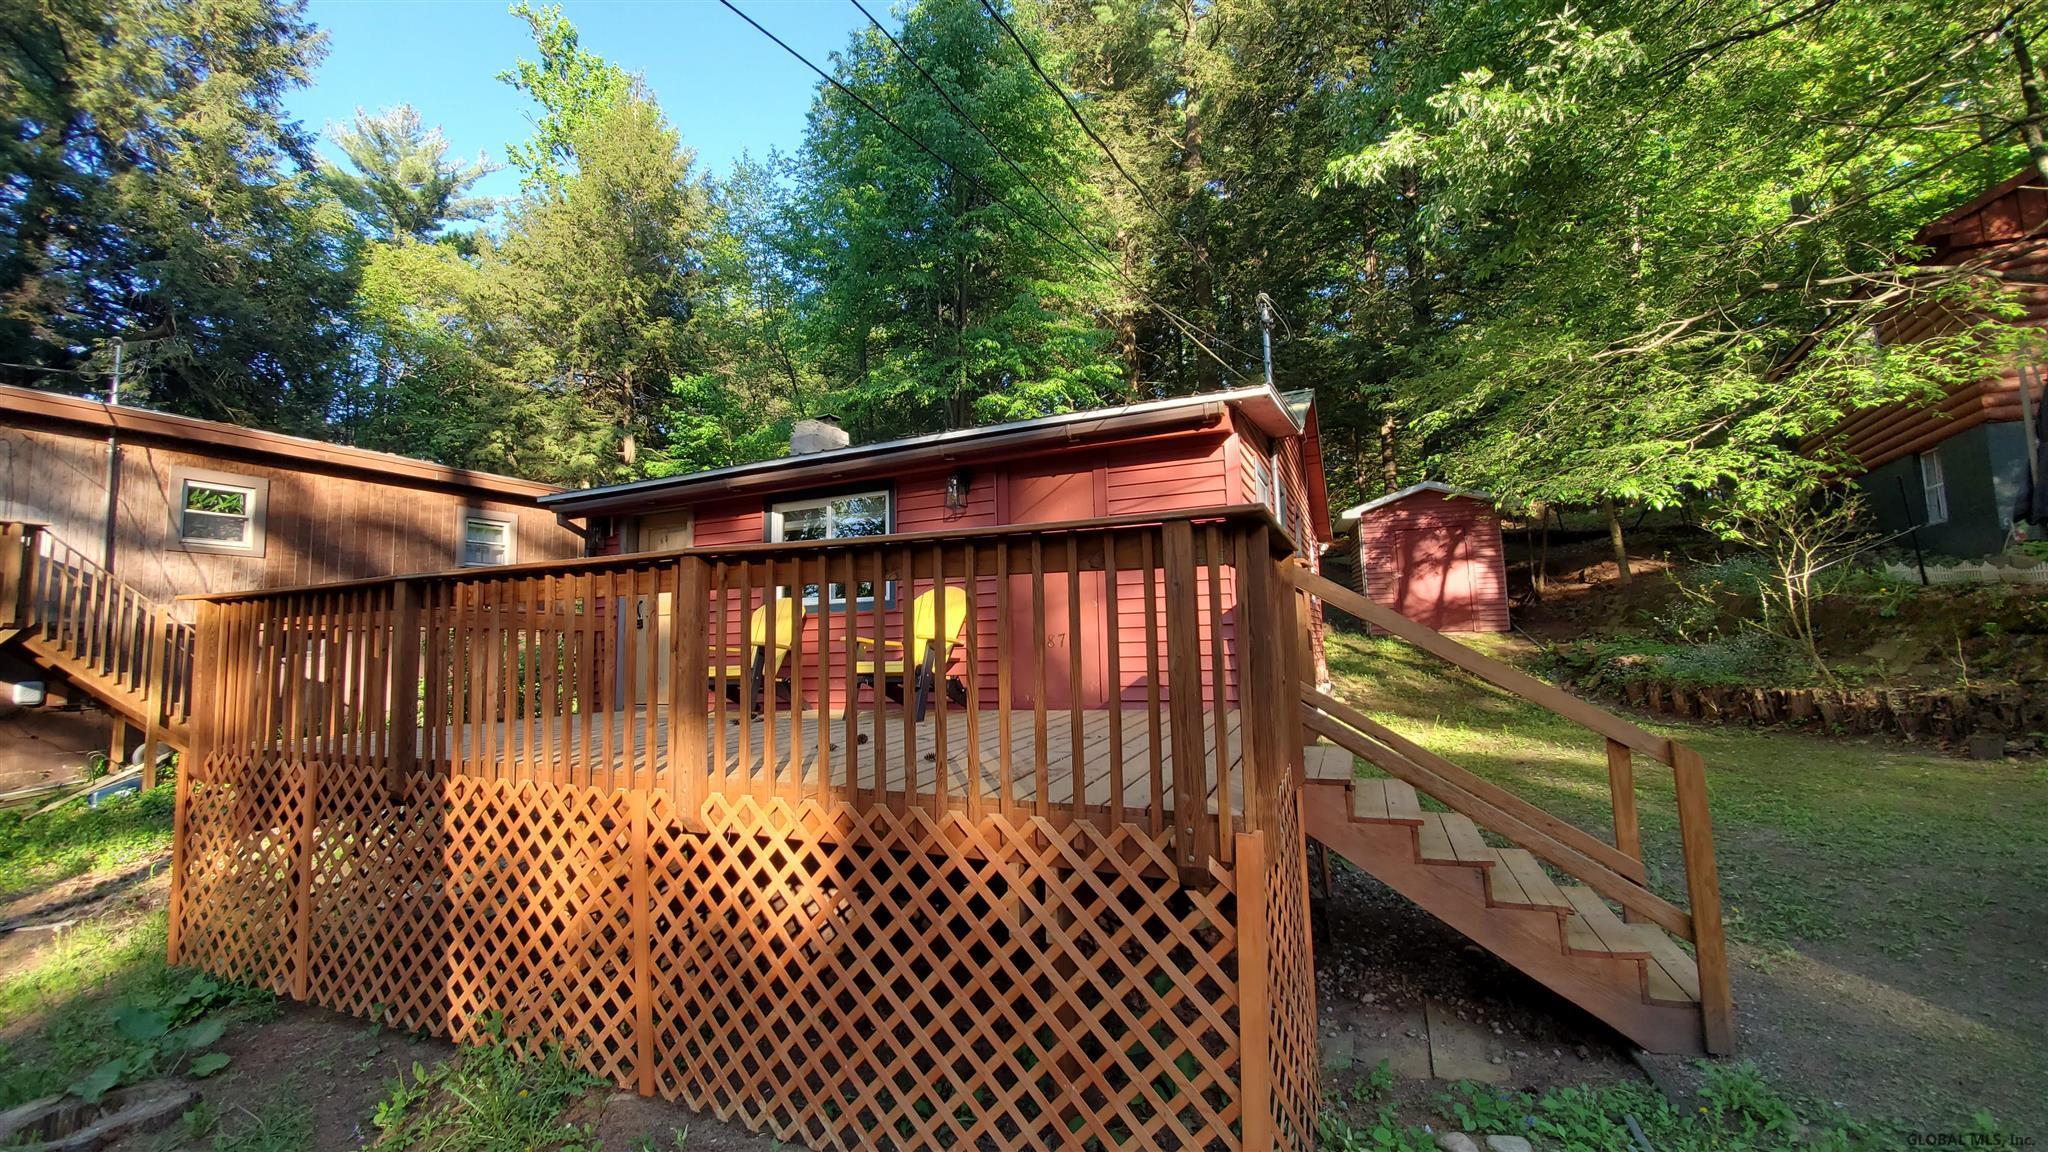 Gloversville image 10